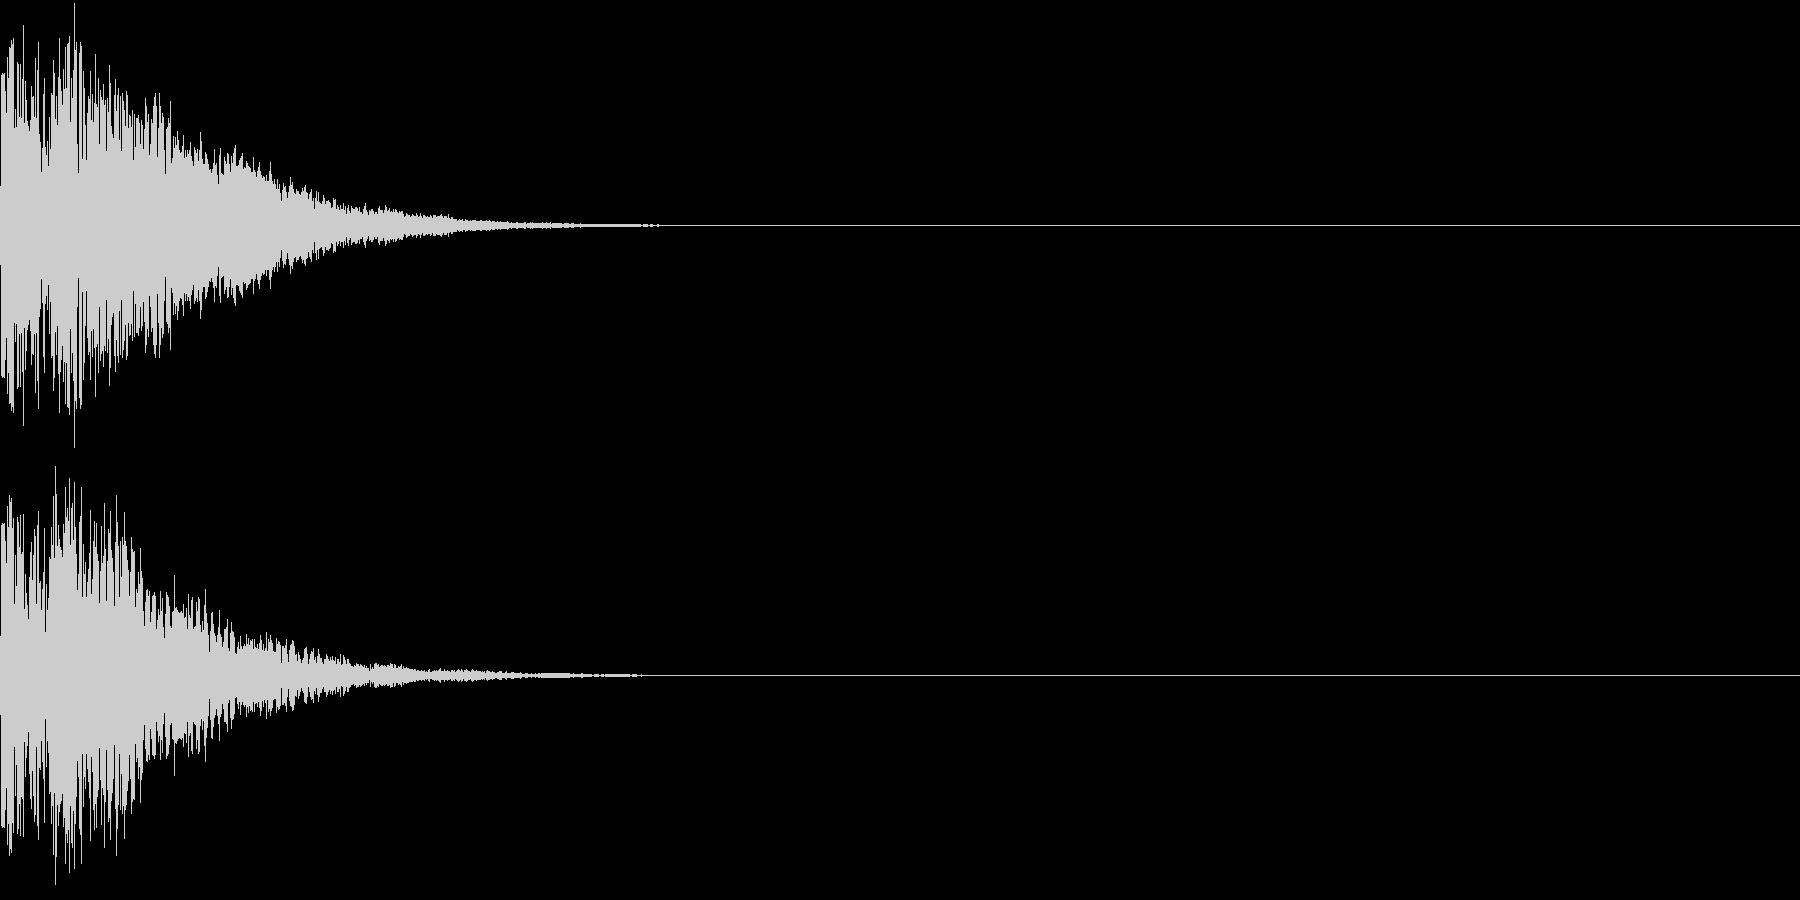 光る  輝く  キュピーン  キラーンAの未再生の波形